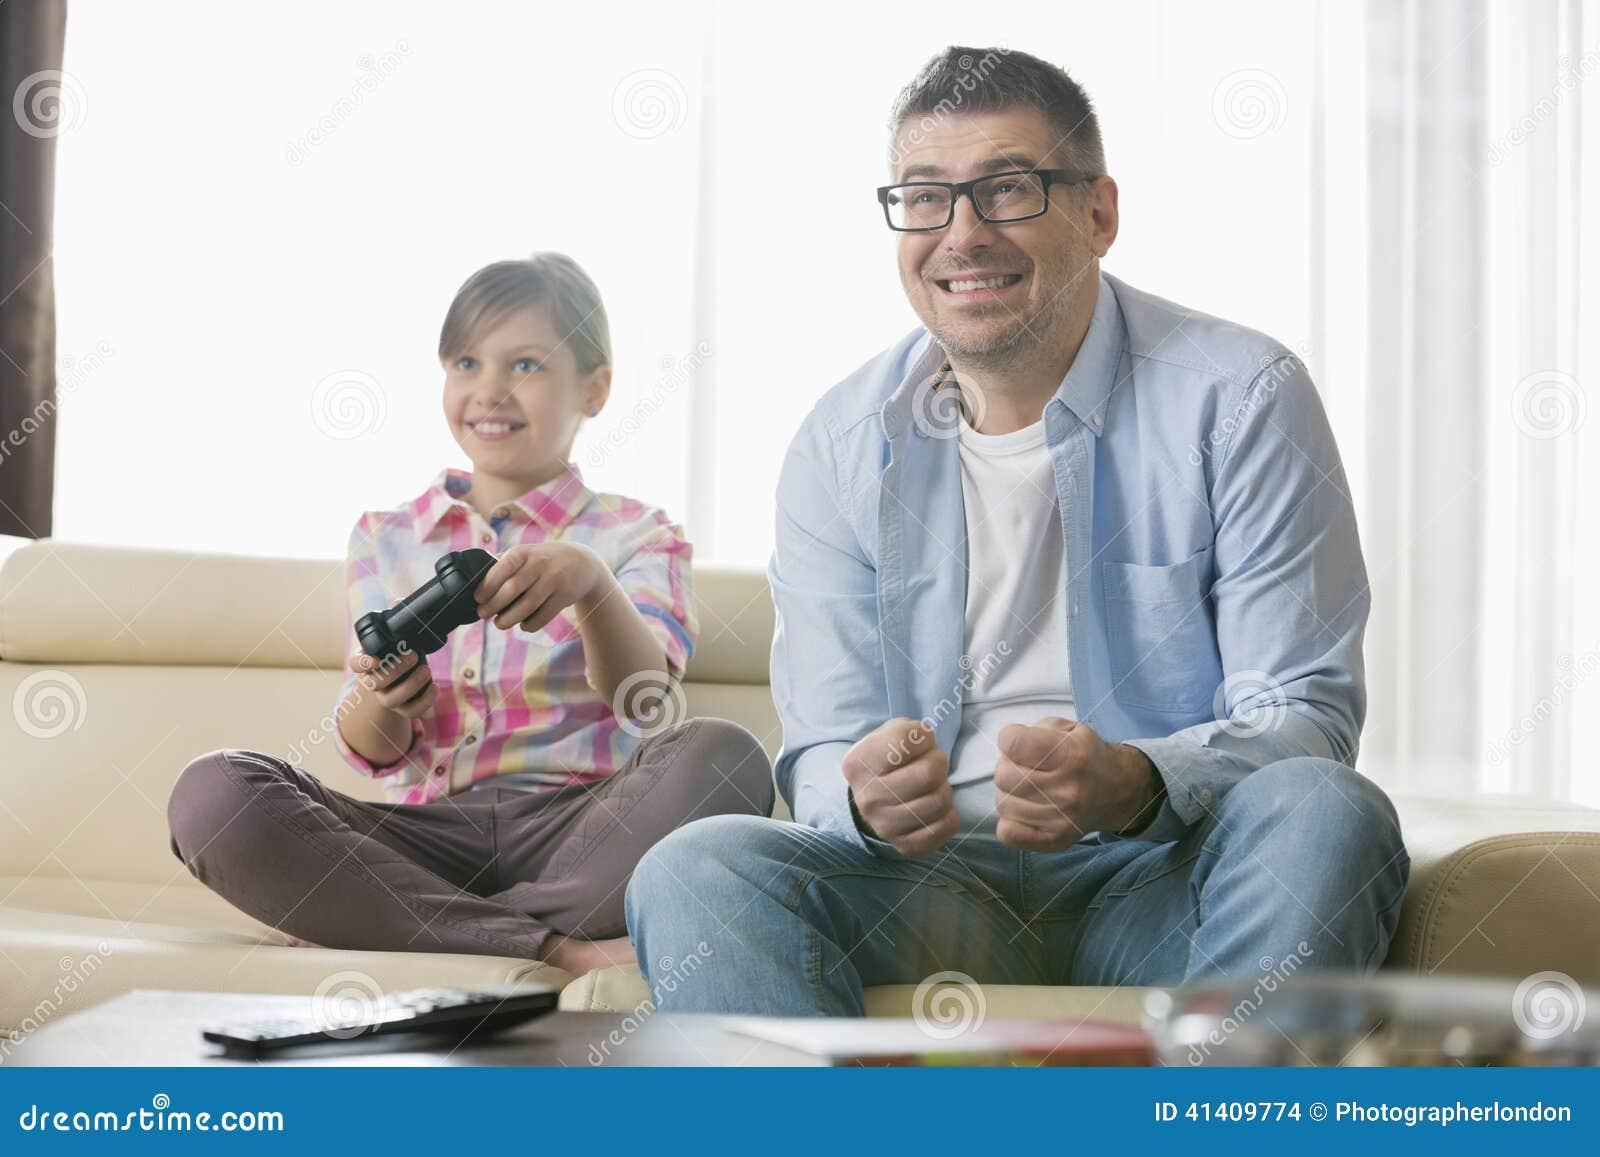 видео дочь и отец